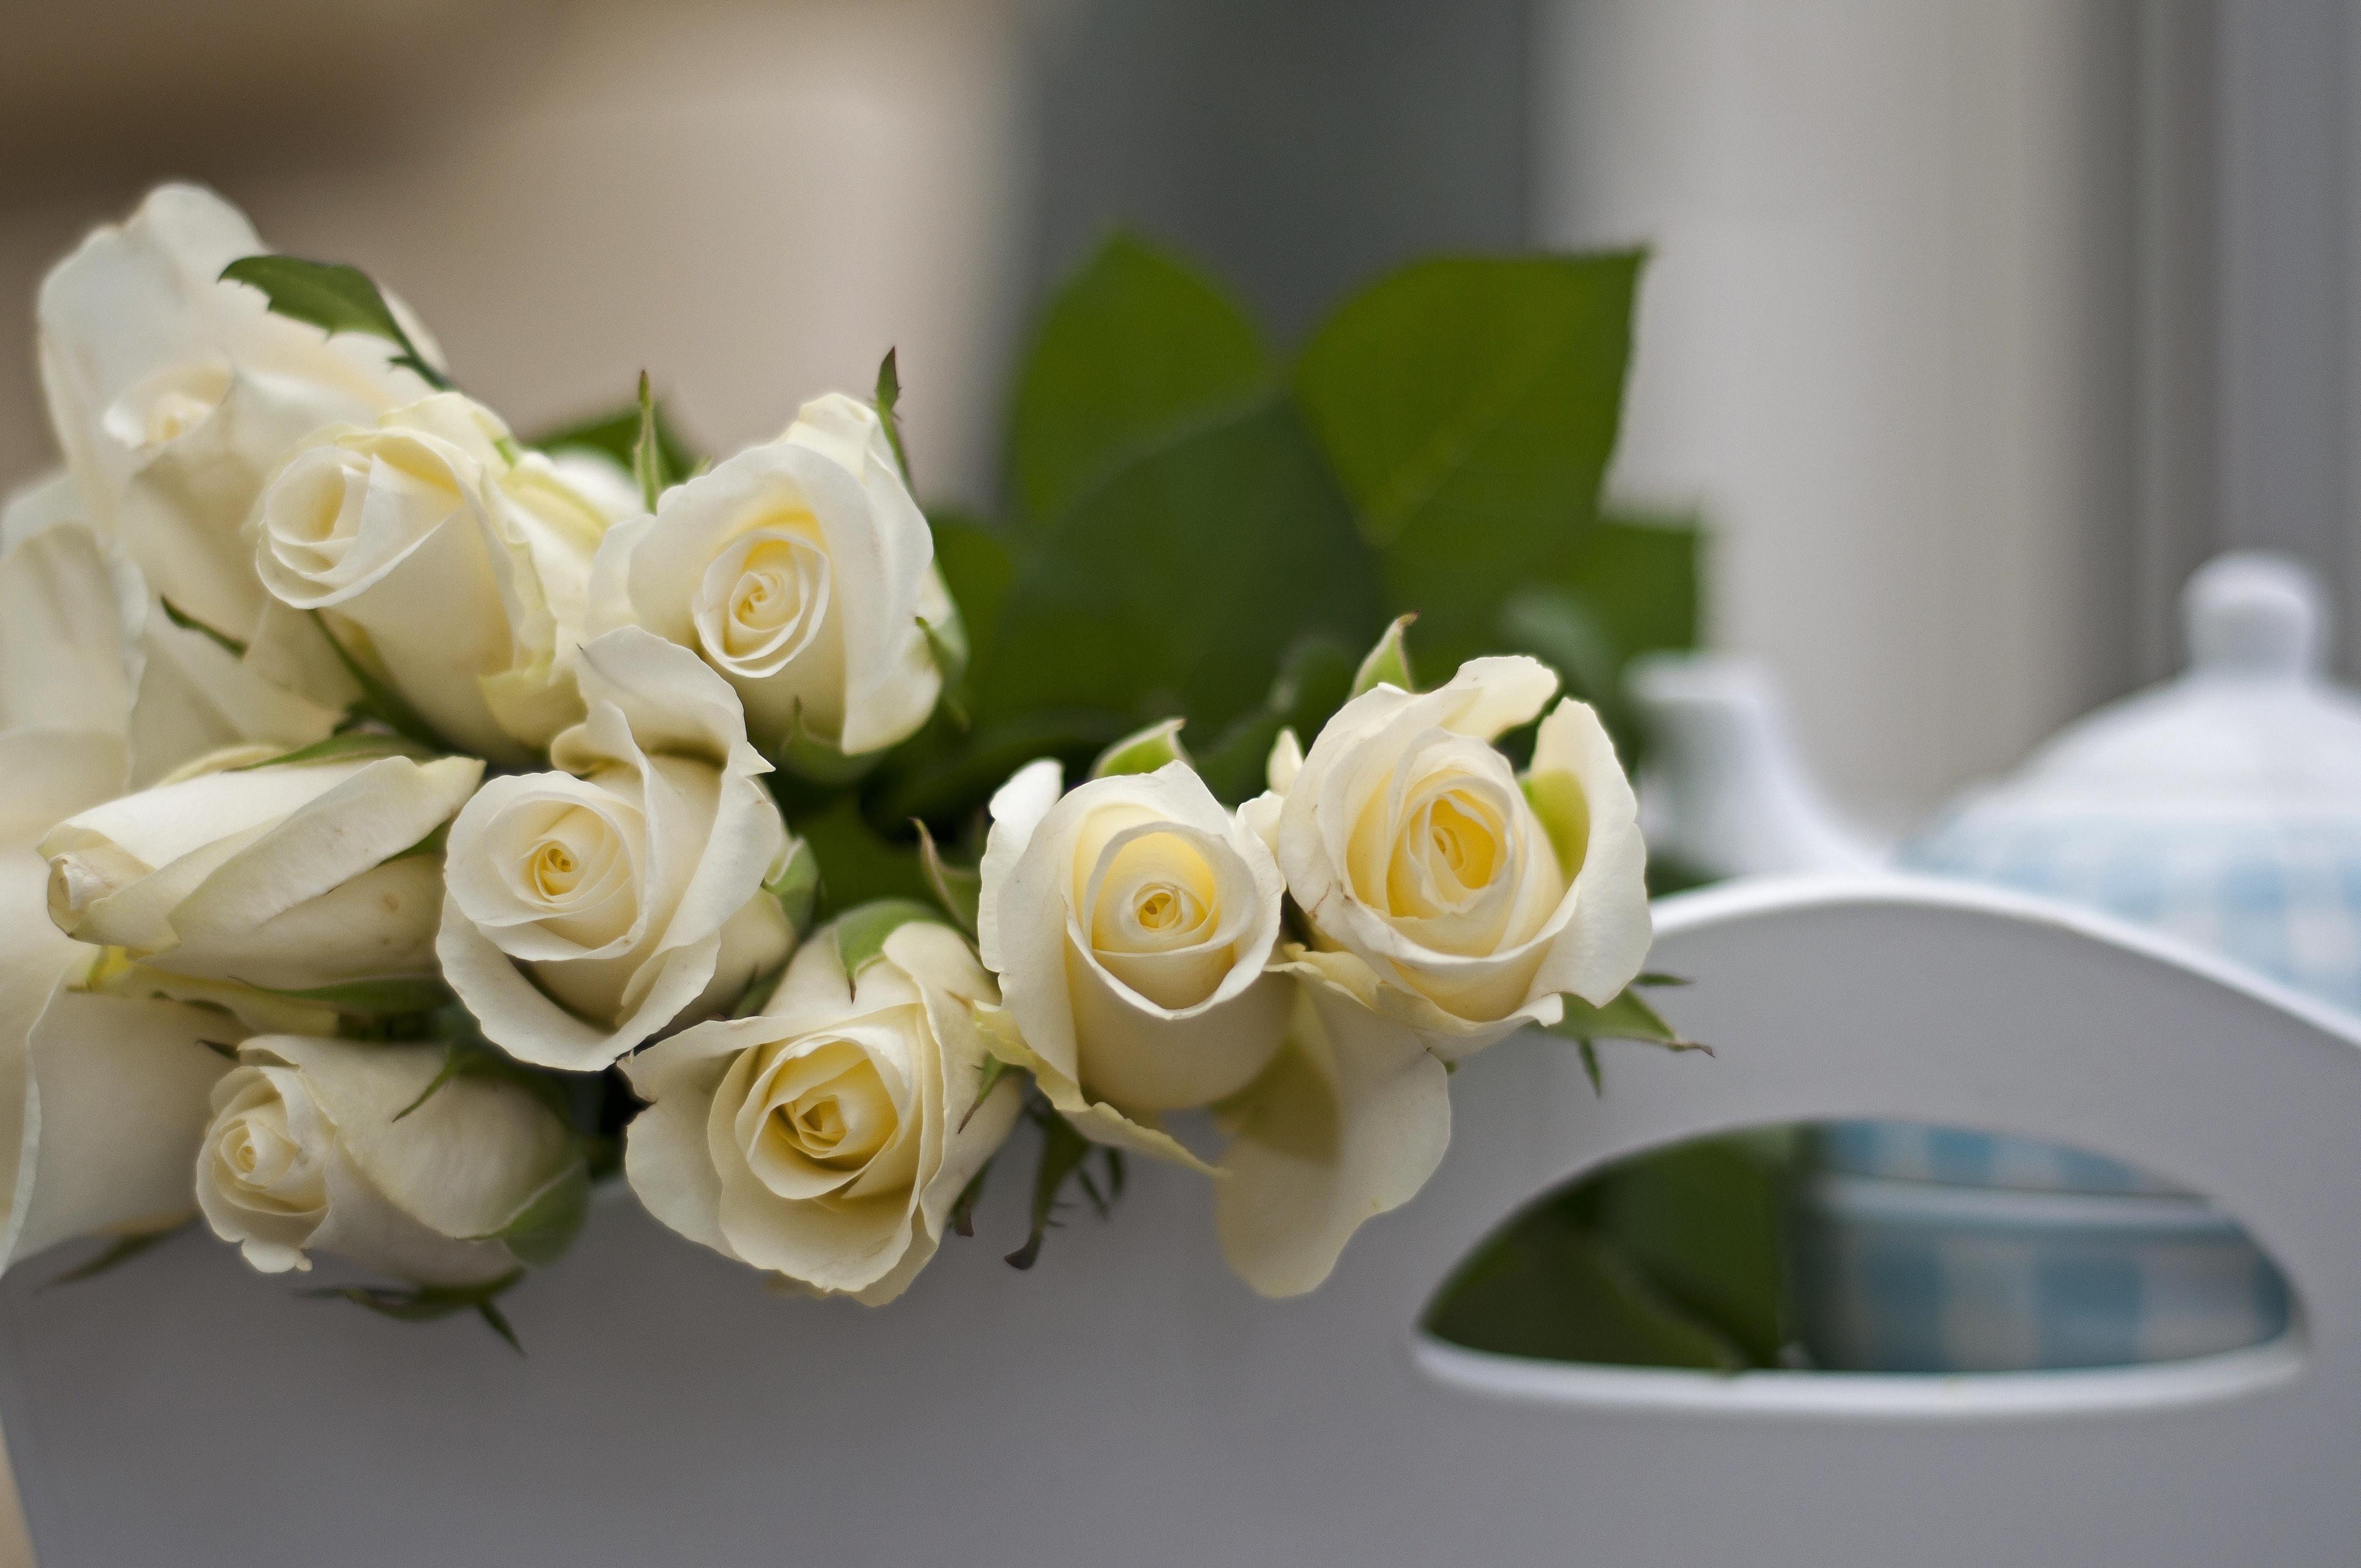 Днем, красивые цветы картинки розы белые